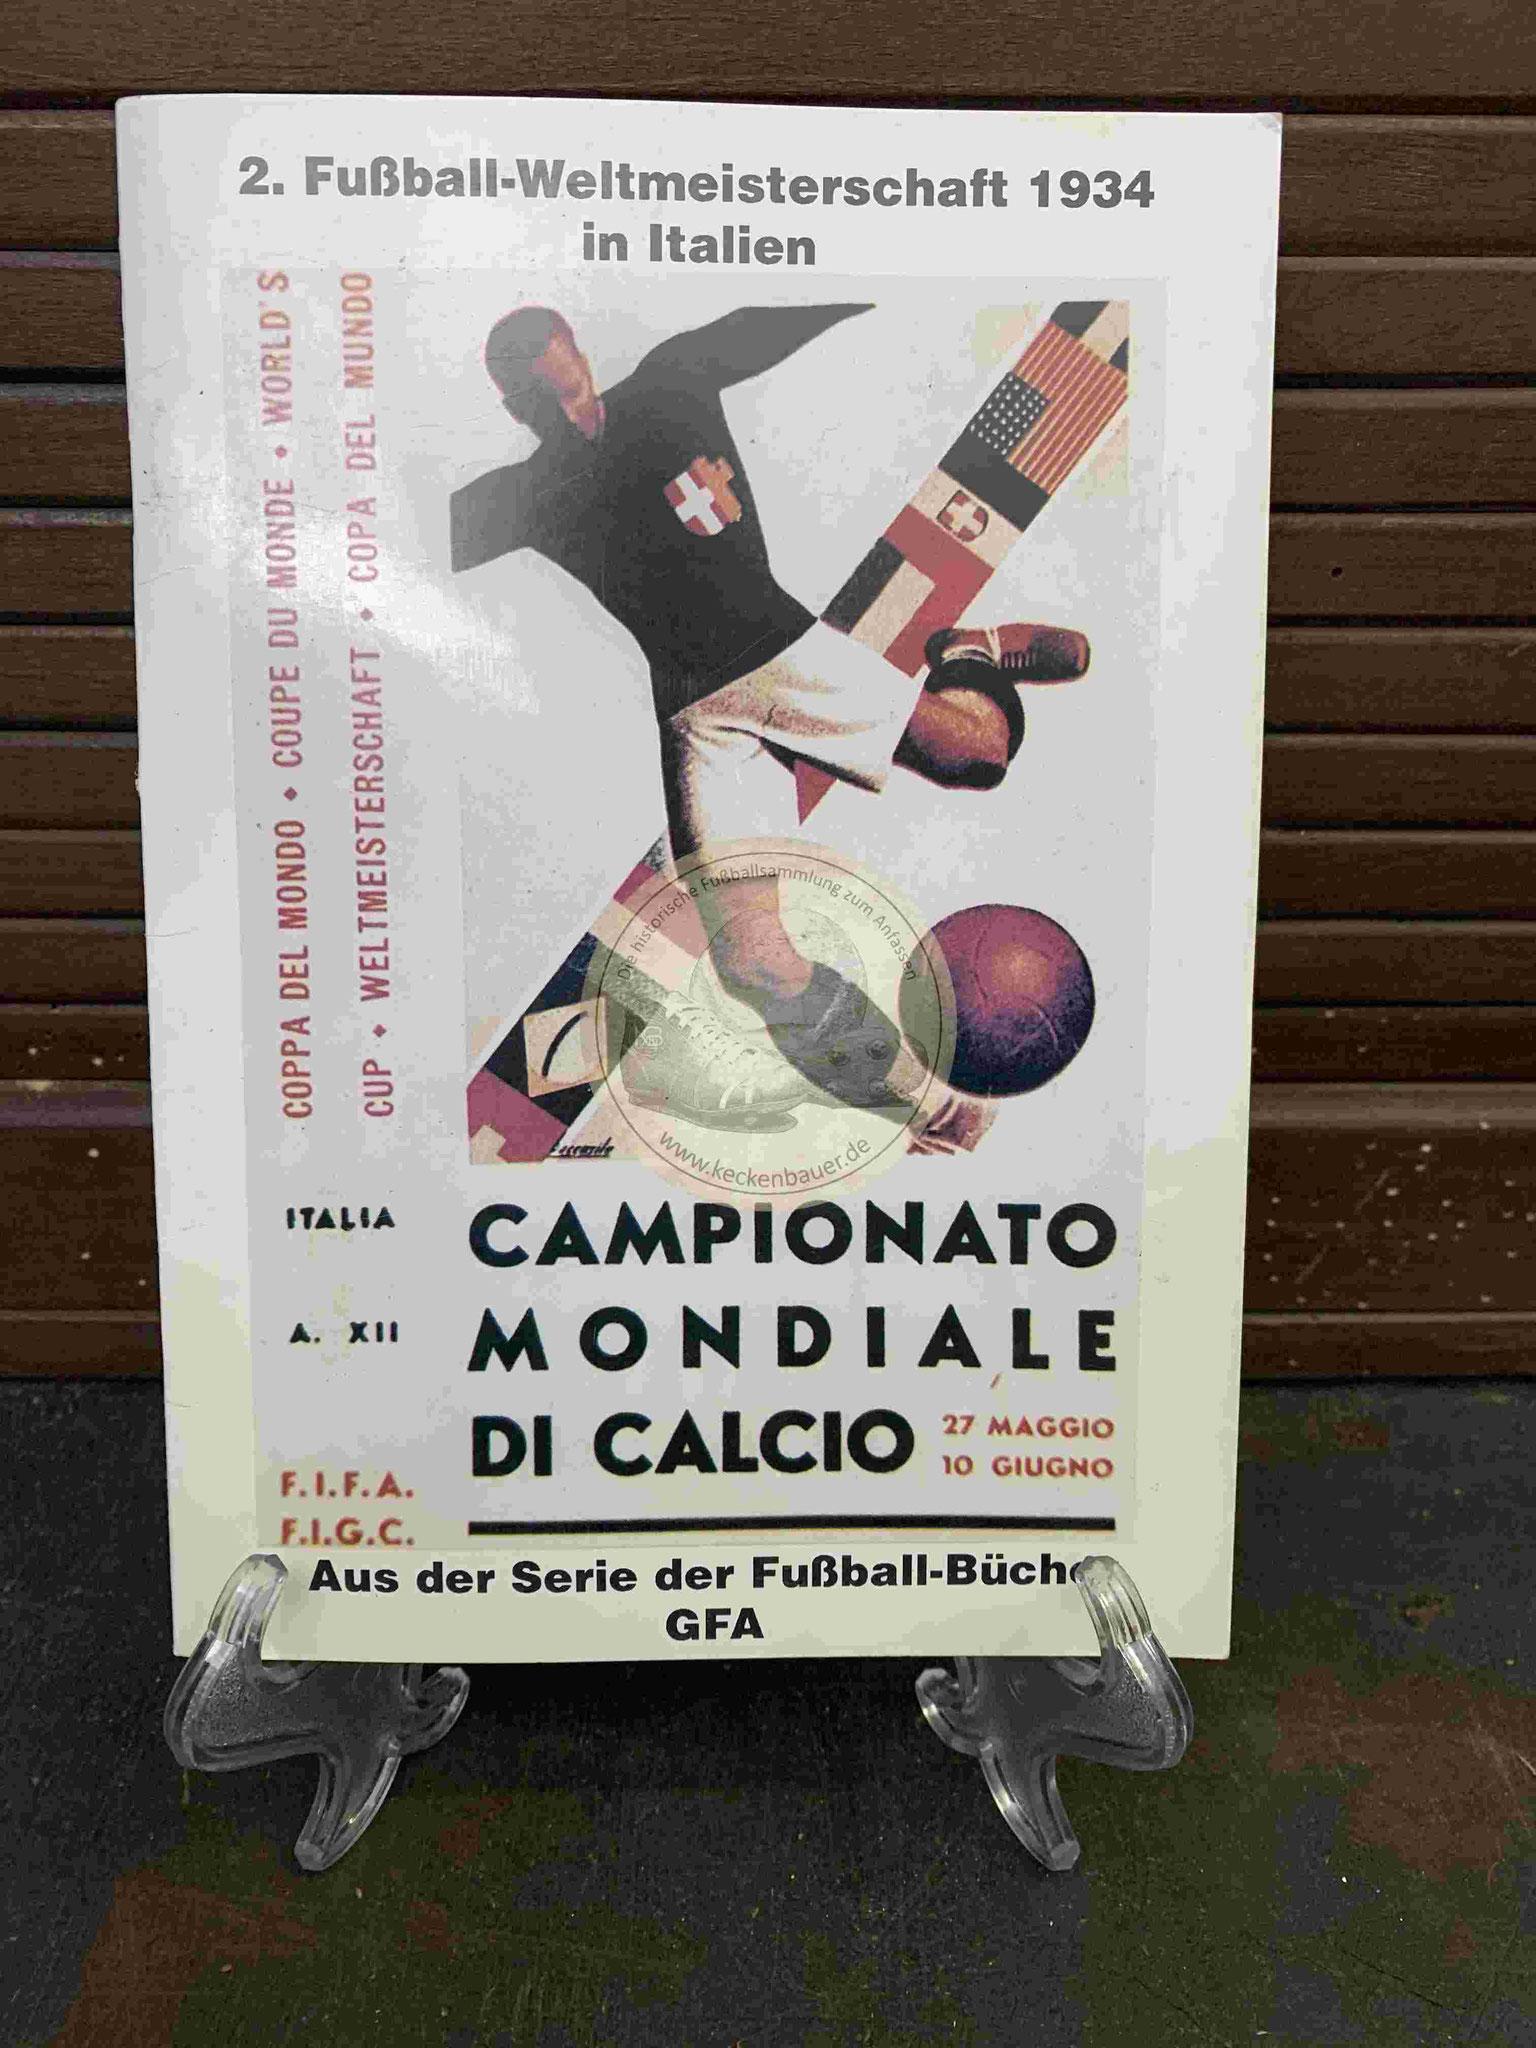 Programmheft der Fußball WM in Italien aus dem Jahr 1934, ein Reprint aus dem Jahr 1990